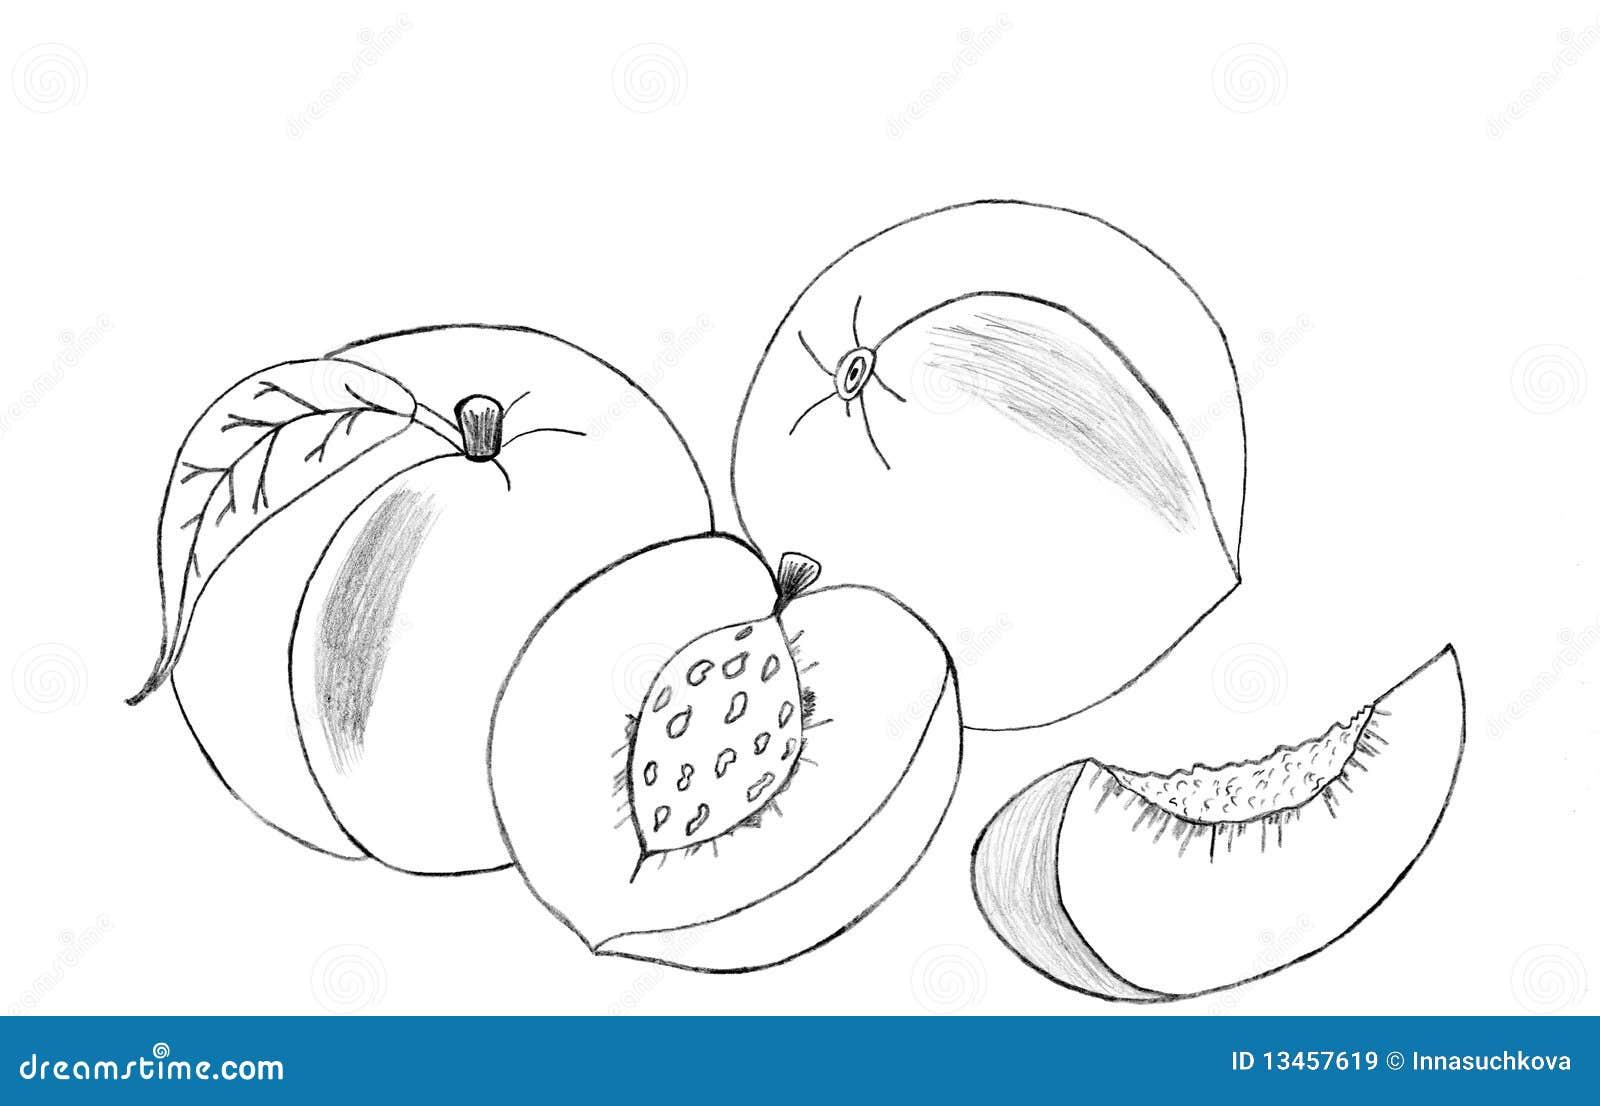 背景图画查出的桃子铅笔草图白色.图片